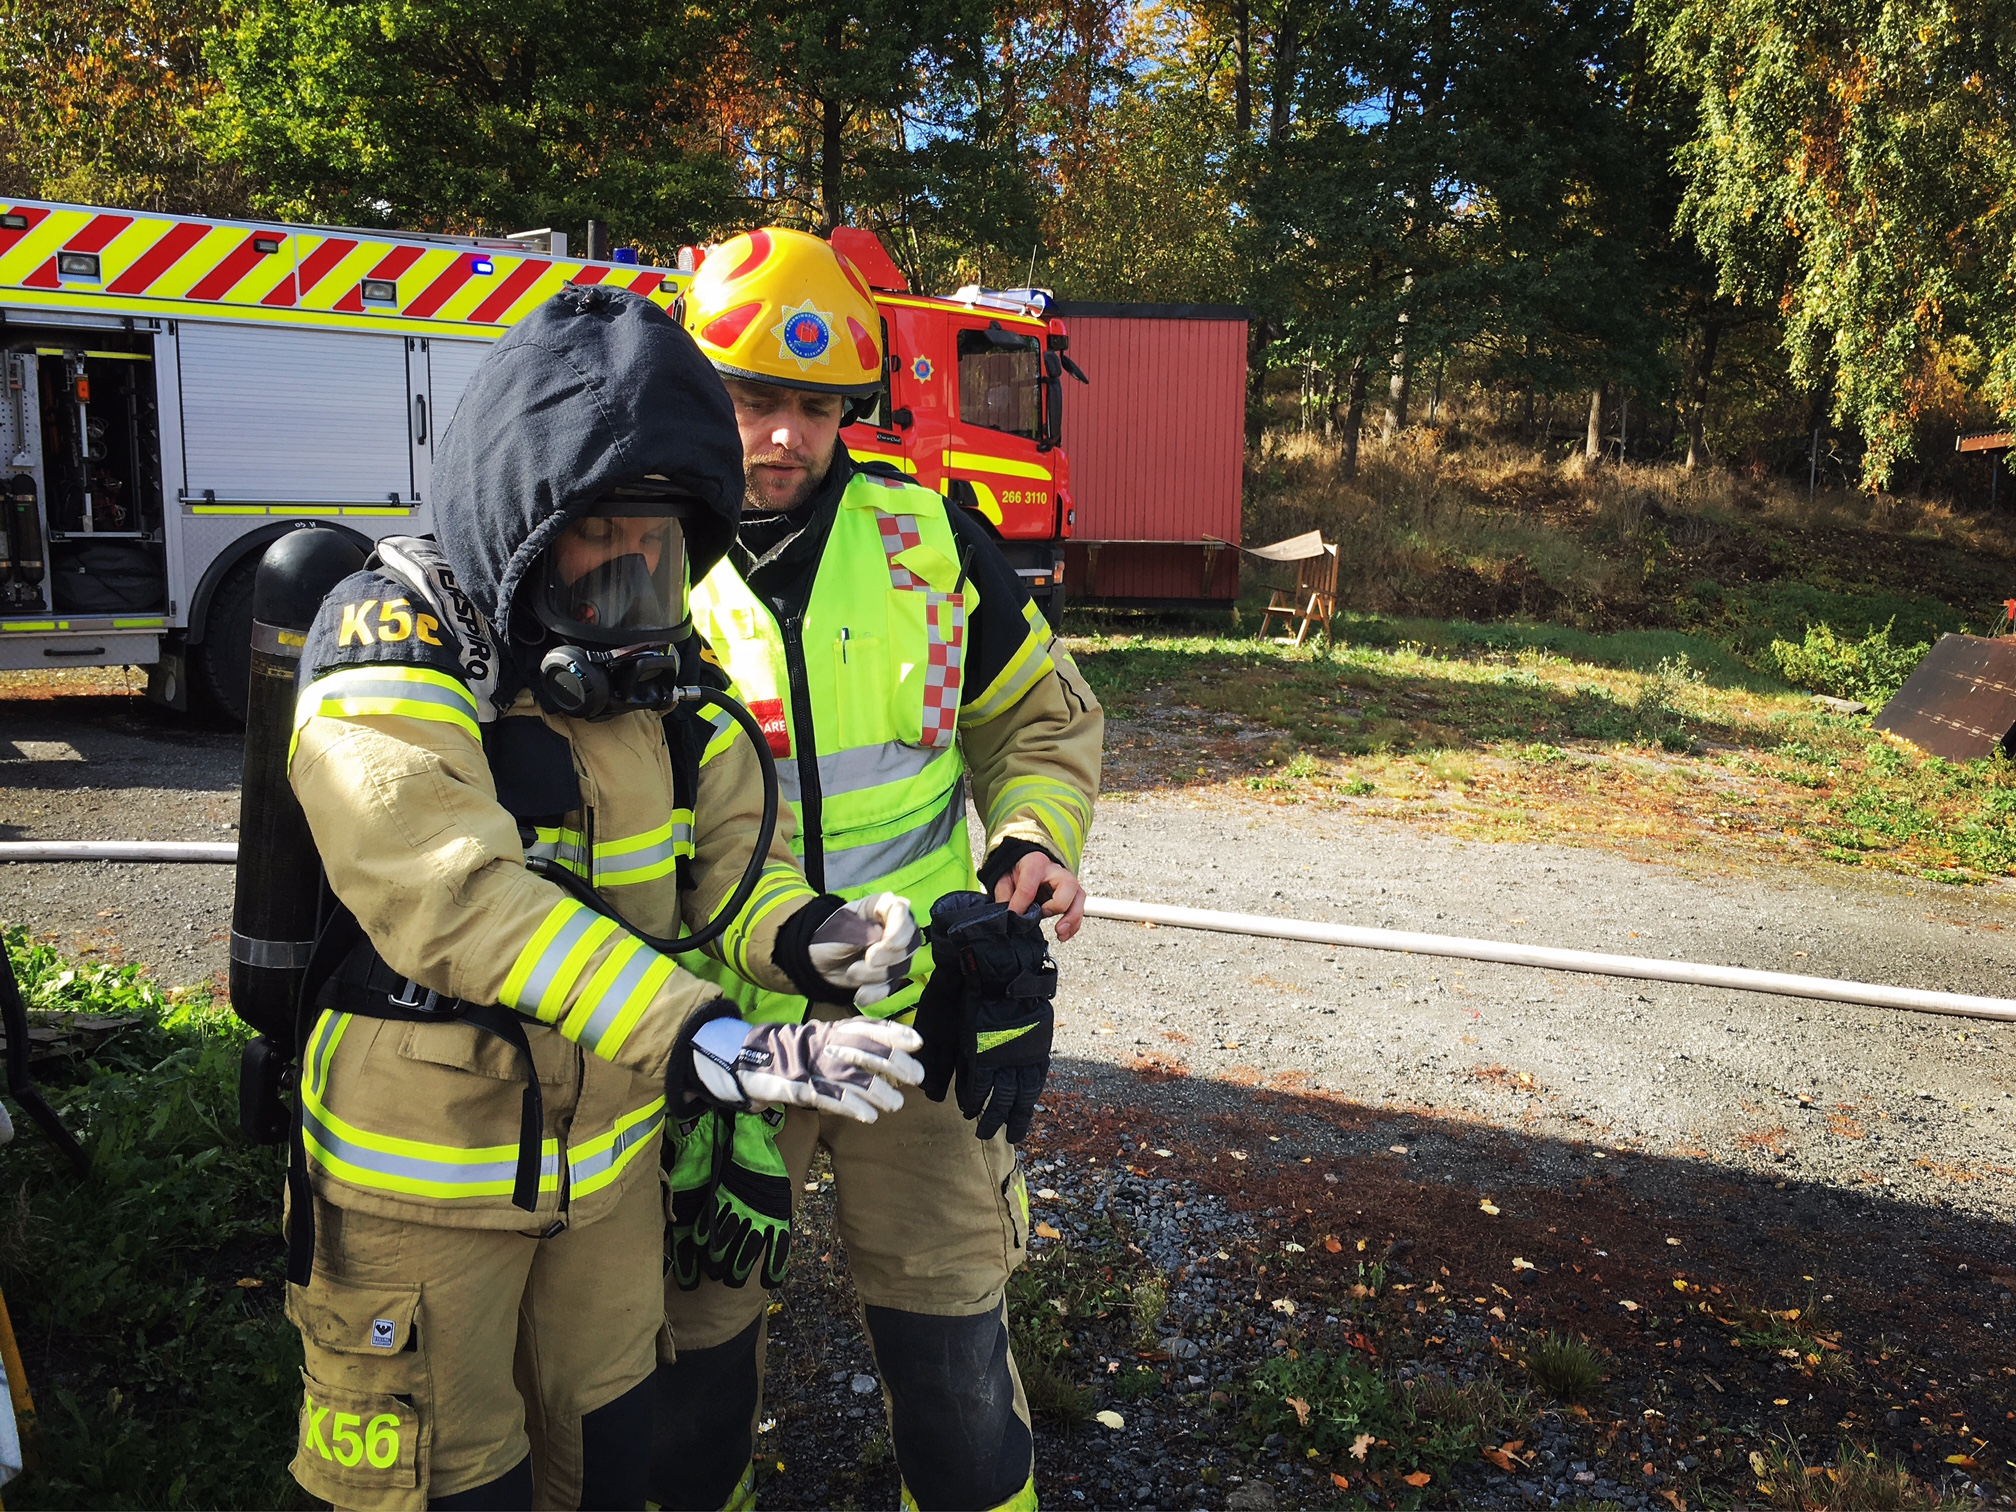 Film till Räddningstjänsten Västra Blekinge - behind the scenes